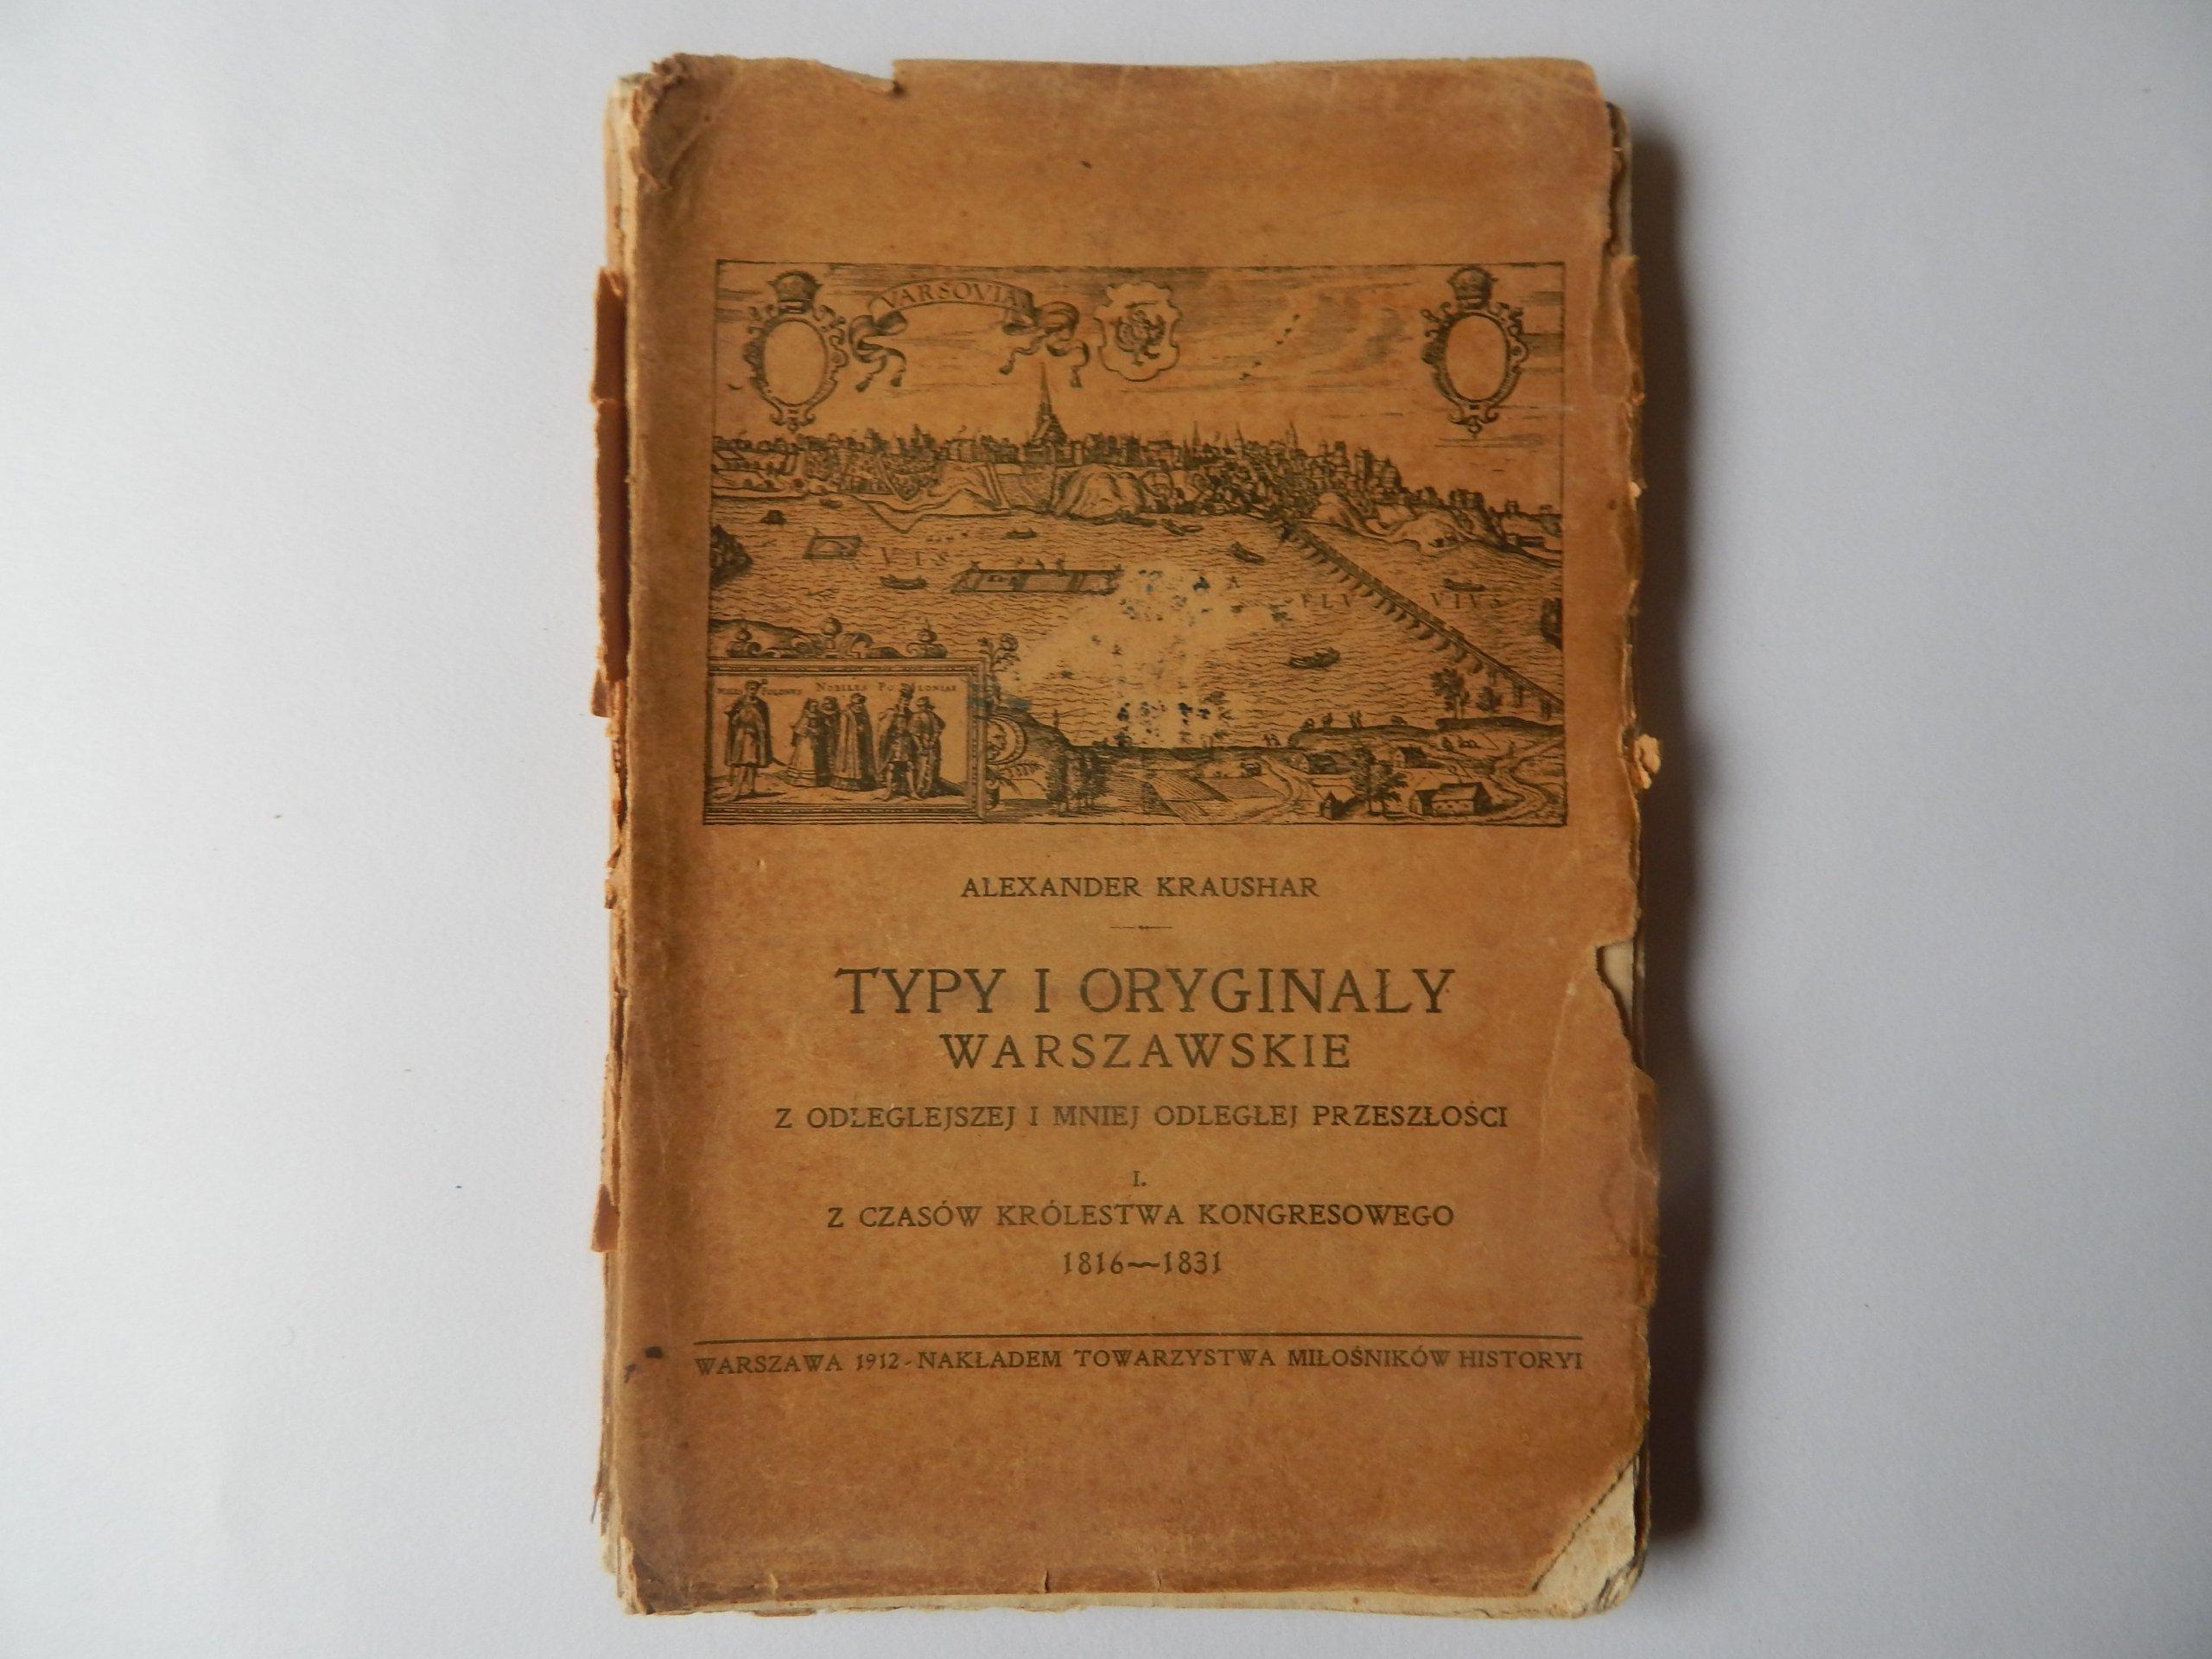 A.Kraushar - Typy i Oryginały Warszawskie - 1912r.